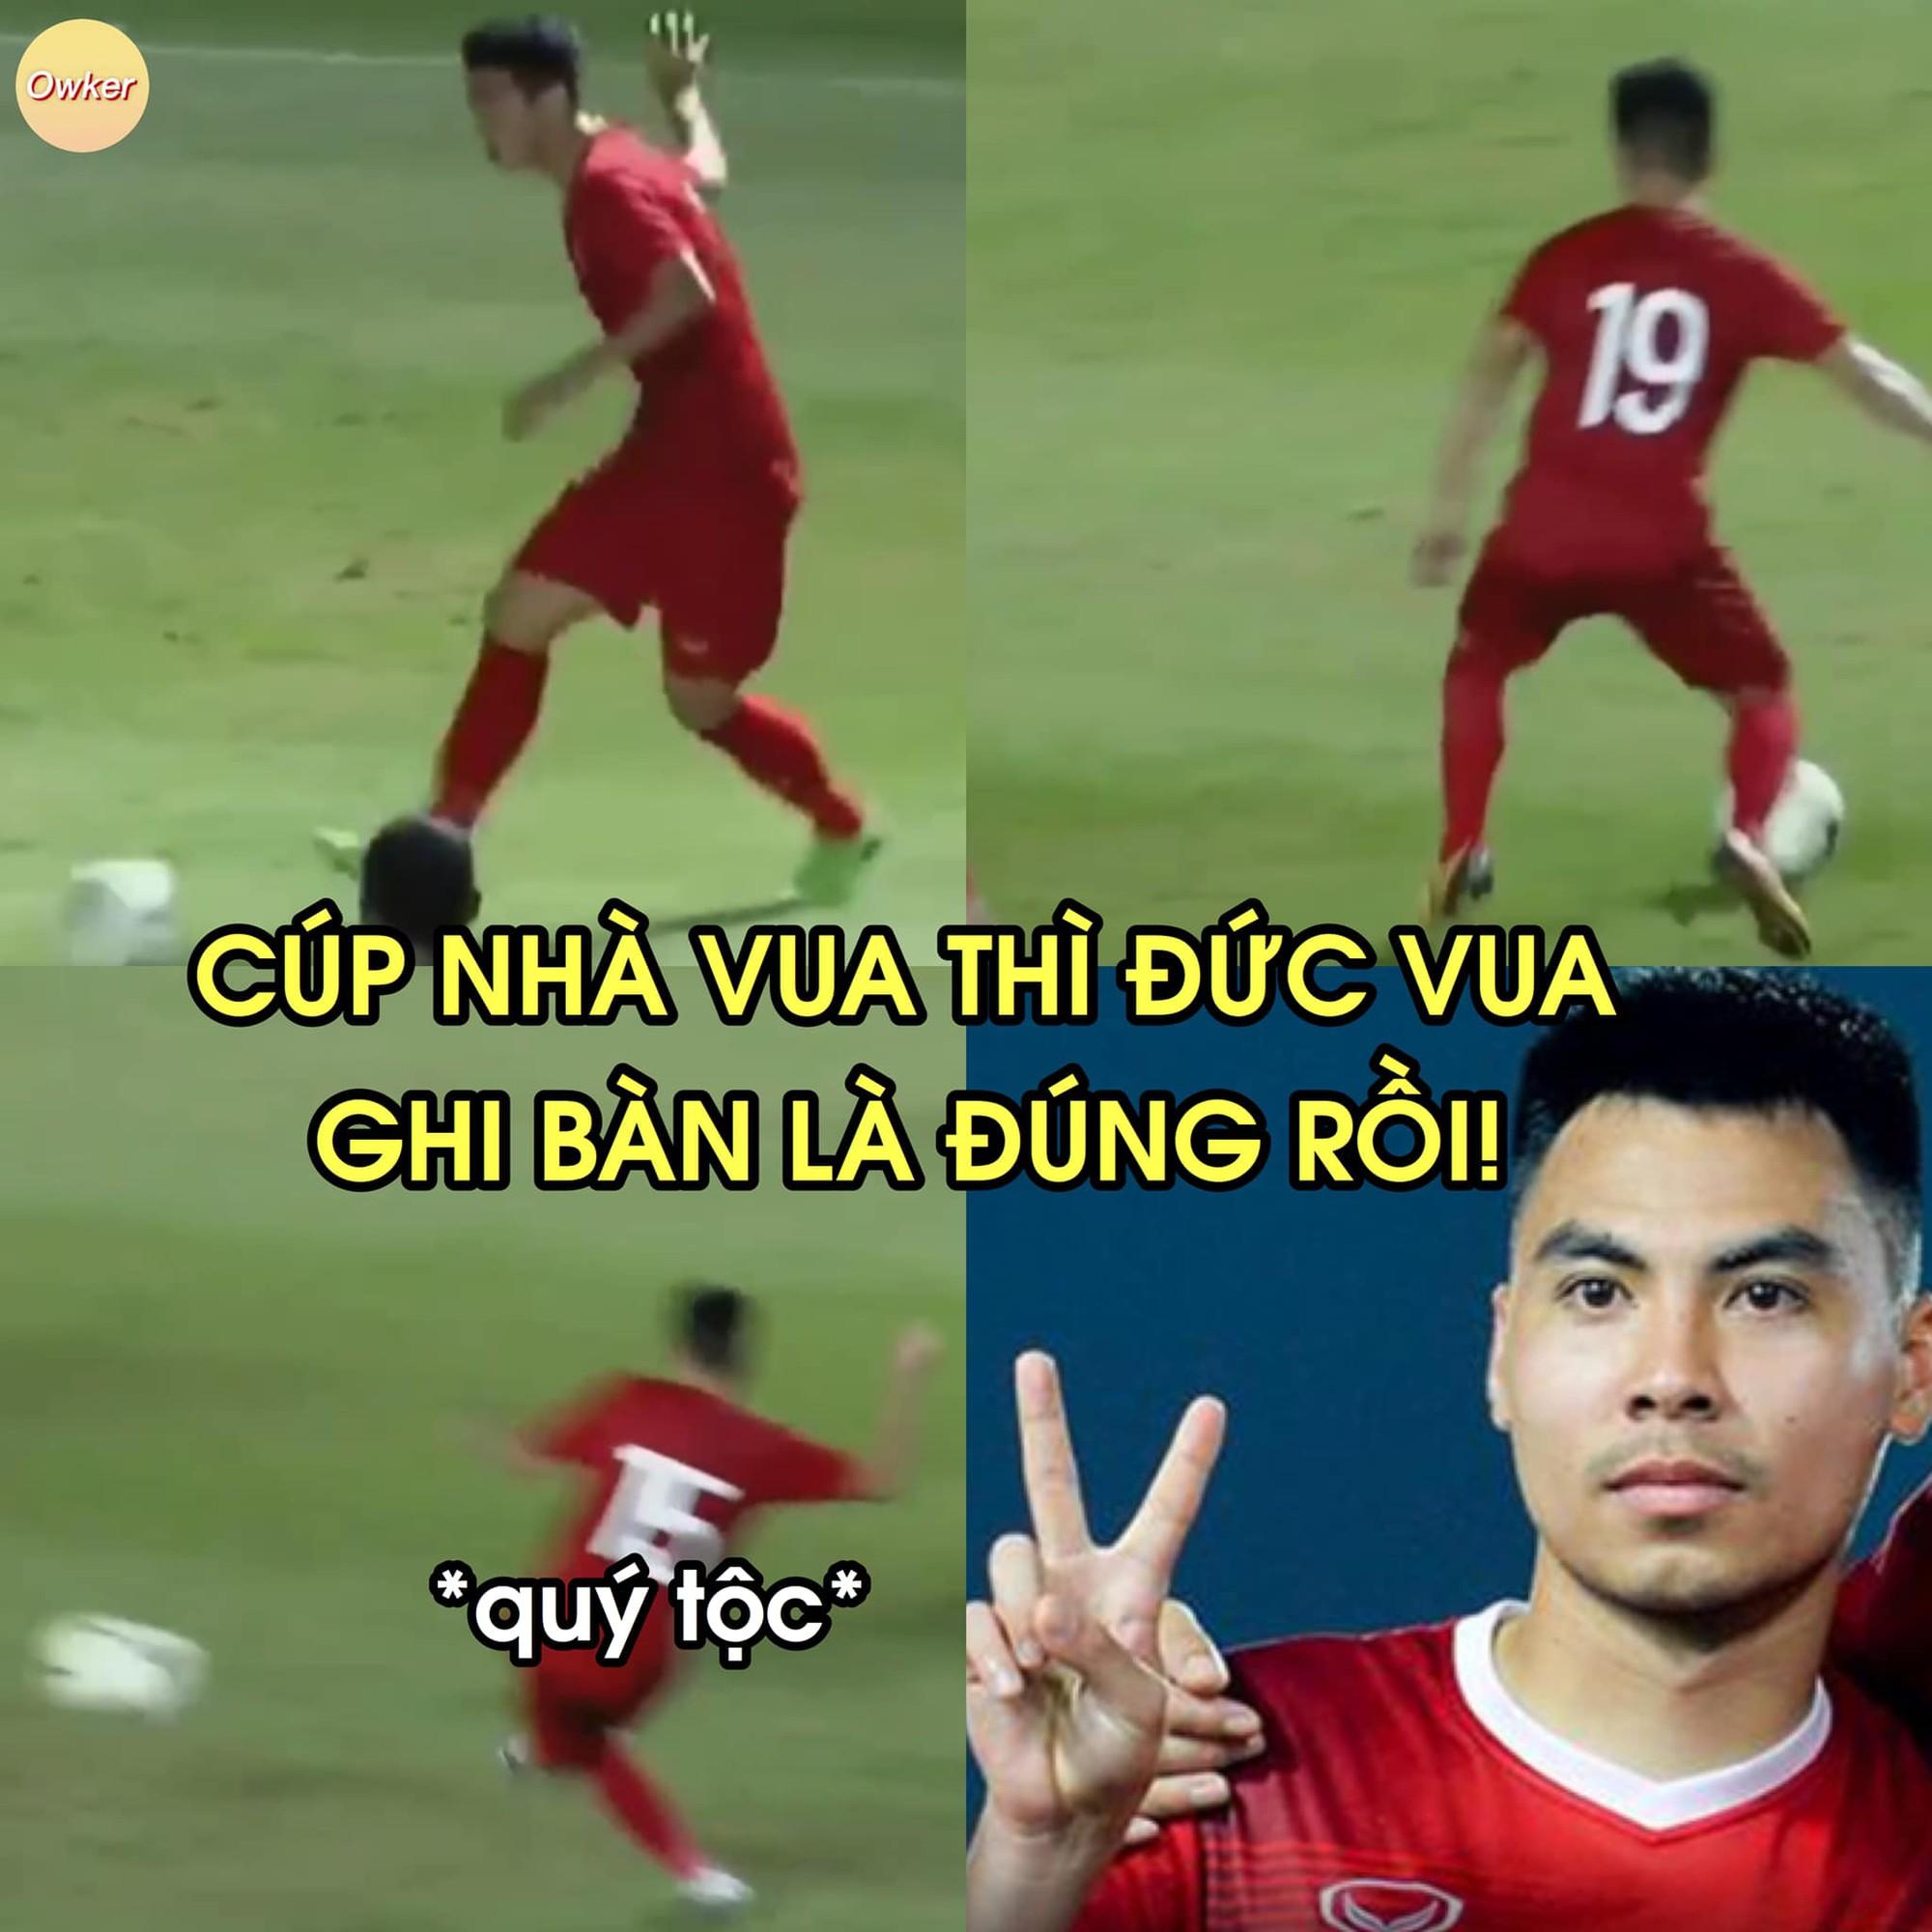 Tuyển Việt Nam không giành chức vô địch Kings Cup thì có sao, Đức Huy vẫn tích cực mua vui cho dân mạng đây này-2